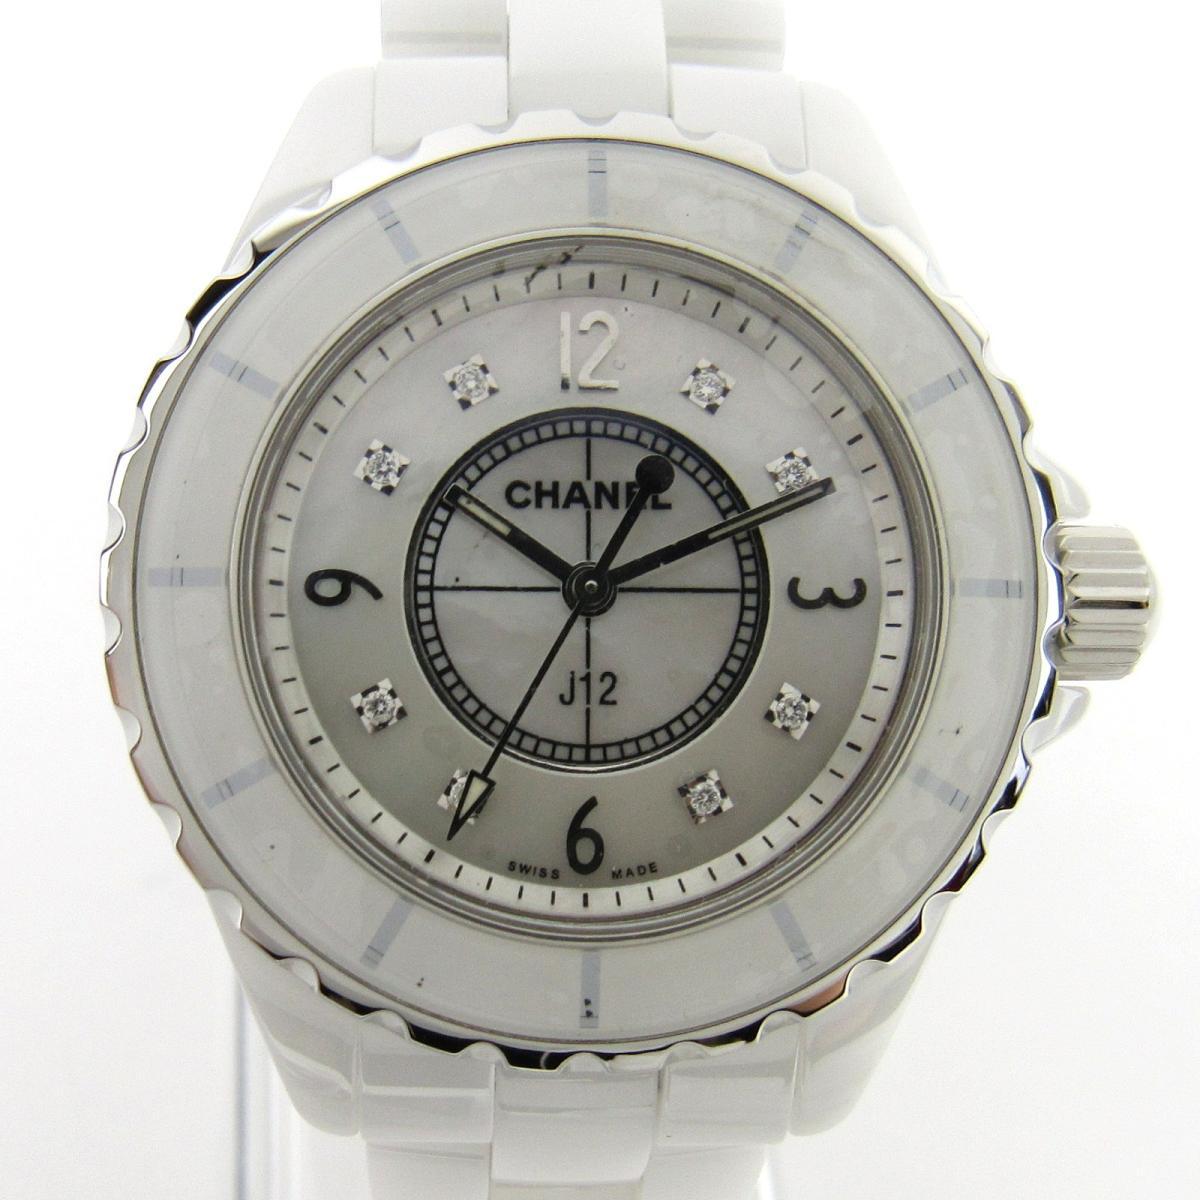 cfd4f2eb10f2 ... シャネル J12 8Pダイヤ ウォッチ 腕時計 レディース ステンレススチール (SS) x セラミック (H2422) | CHANEL  クオーツ 時計 J12 8Pダイヤ 美品 ブランドオフ